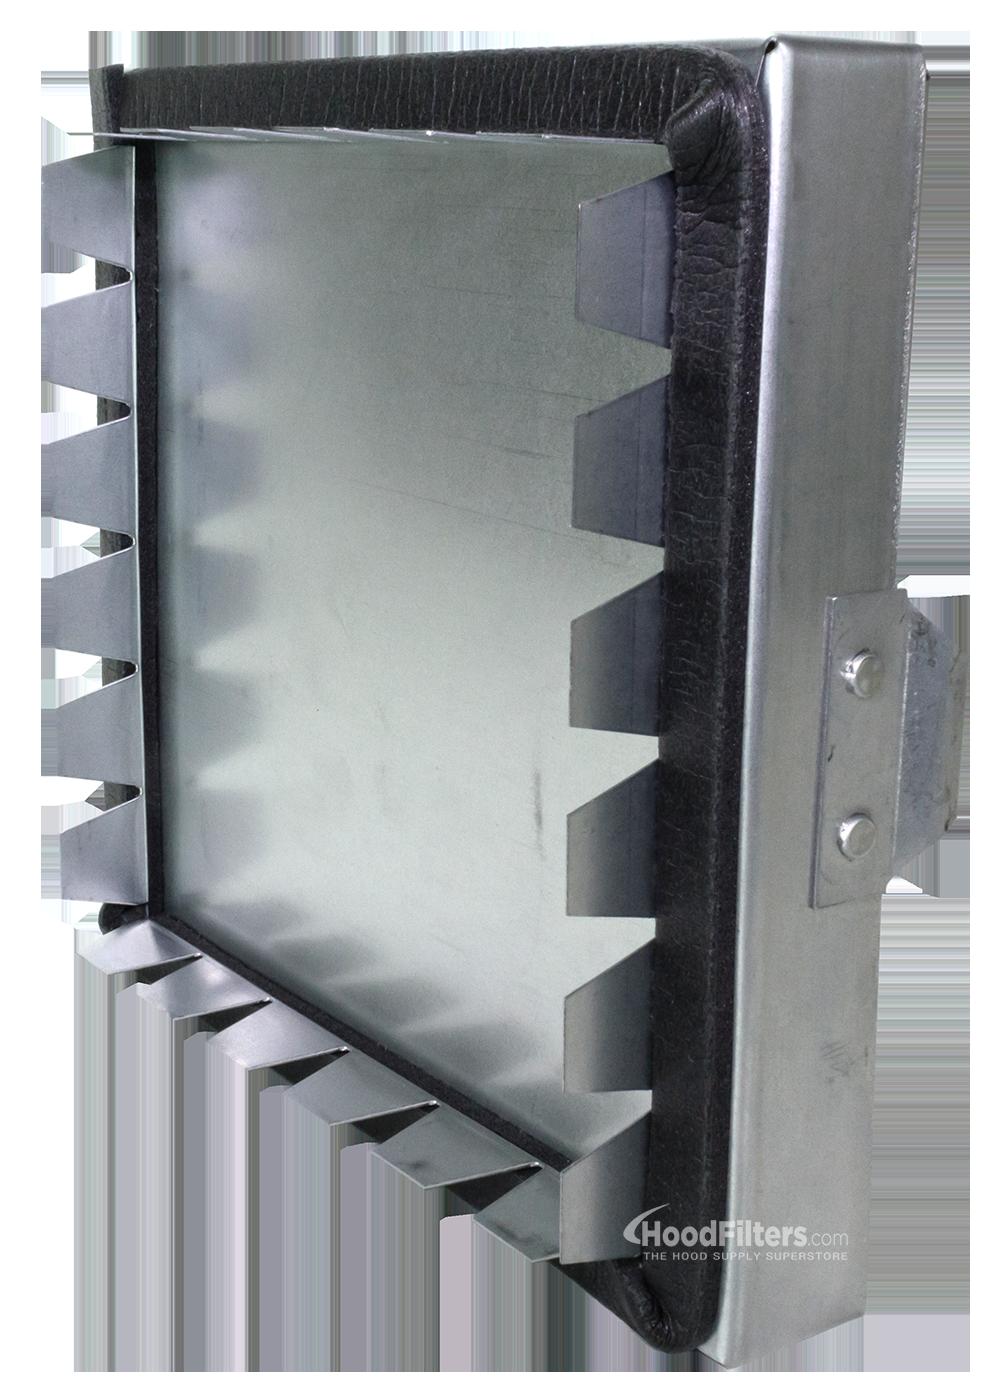 10 x 10 ductmate low pressure square framed access door for 10x10 access door